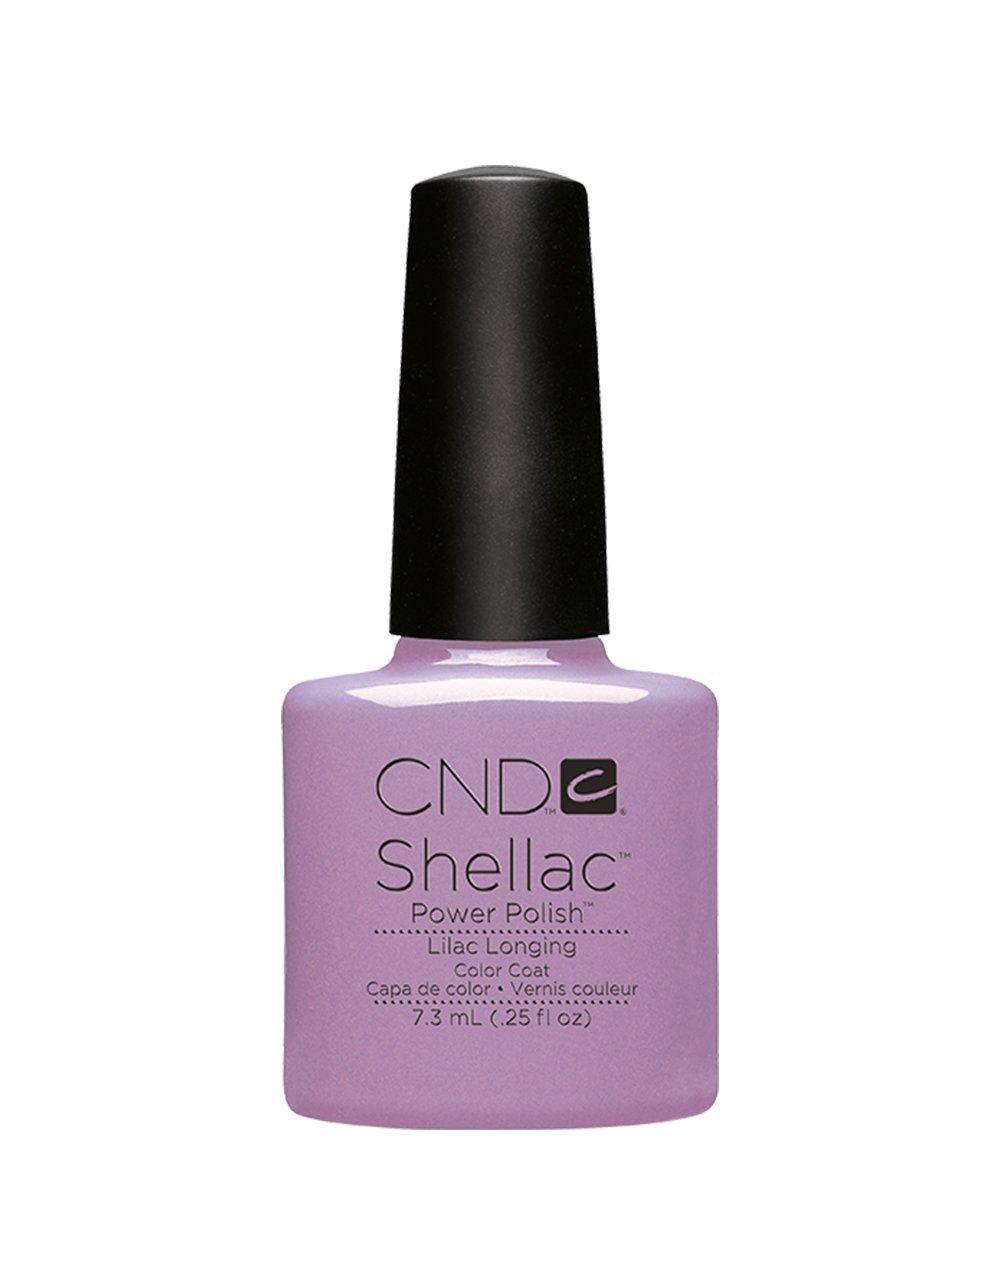 CND Shellac Esmalte de Uñas de Gel, Tono Negligee: Amazon.es: Belleza